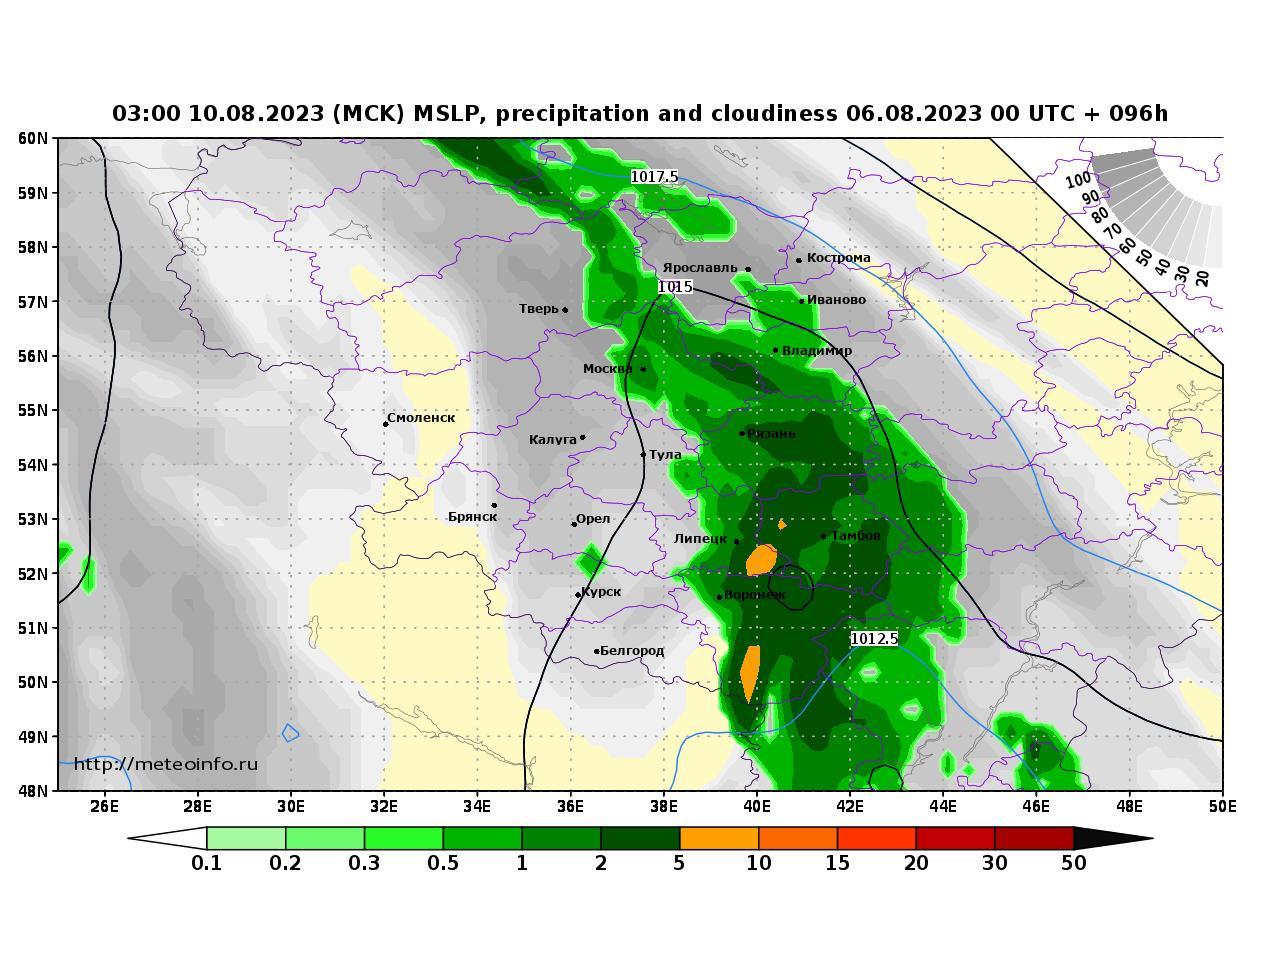 Центральный Федеральный округ, прогностическая карта осадки и давление, заблаговременность прогноза 96 часов